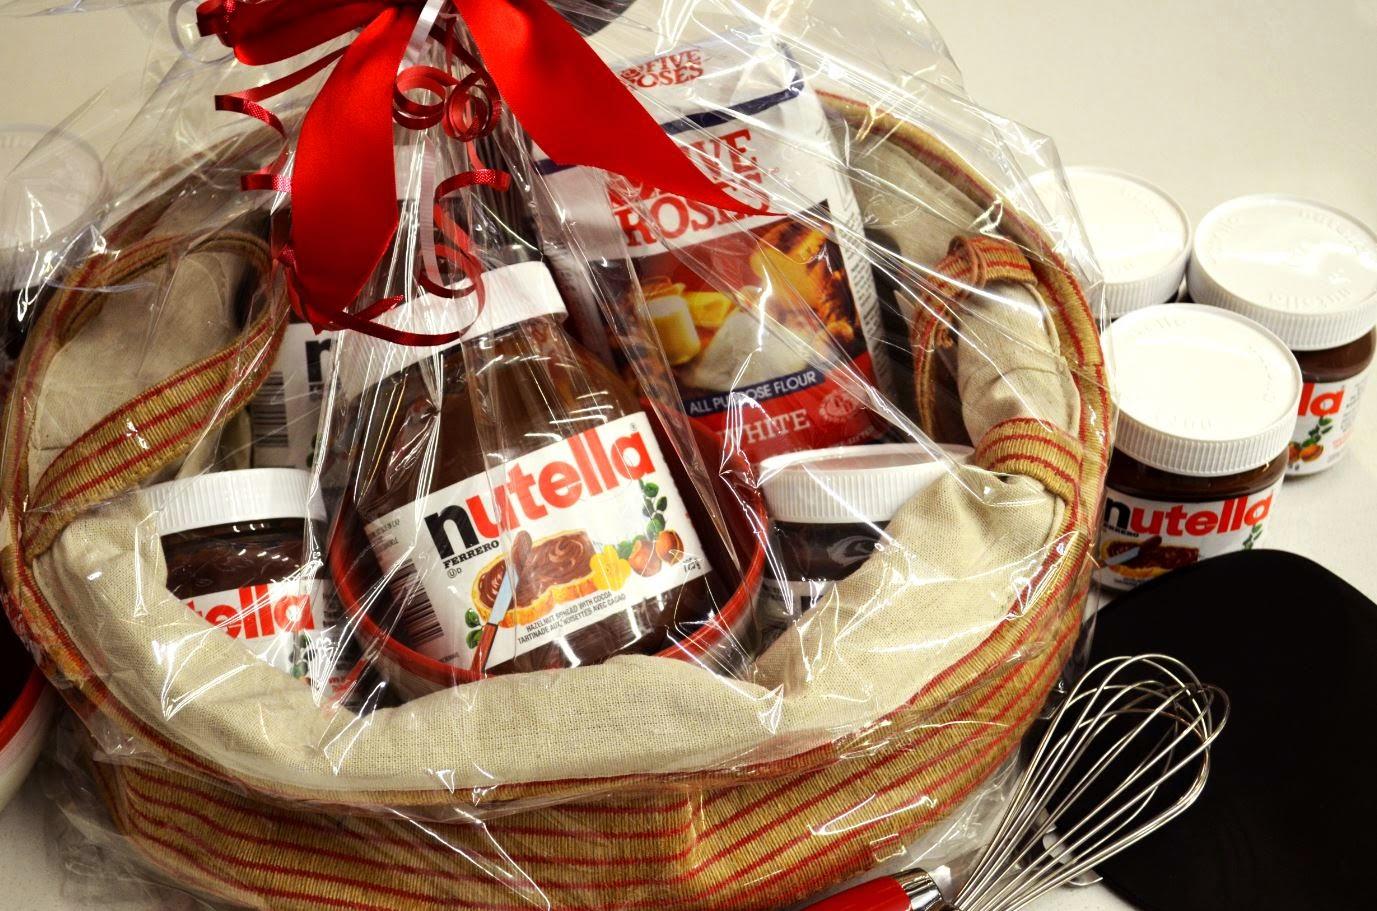 Panier Cadeau Provence : Un panier cadeau nutella et une carte visa de ?